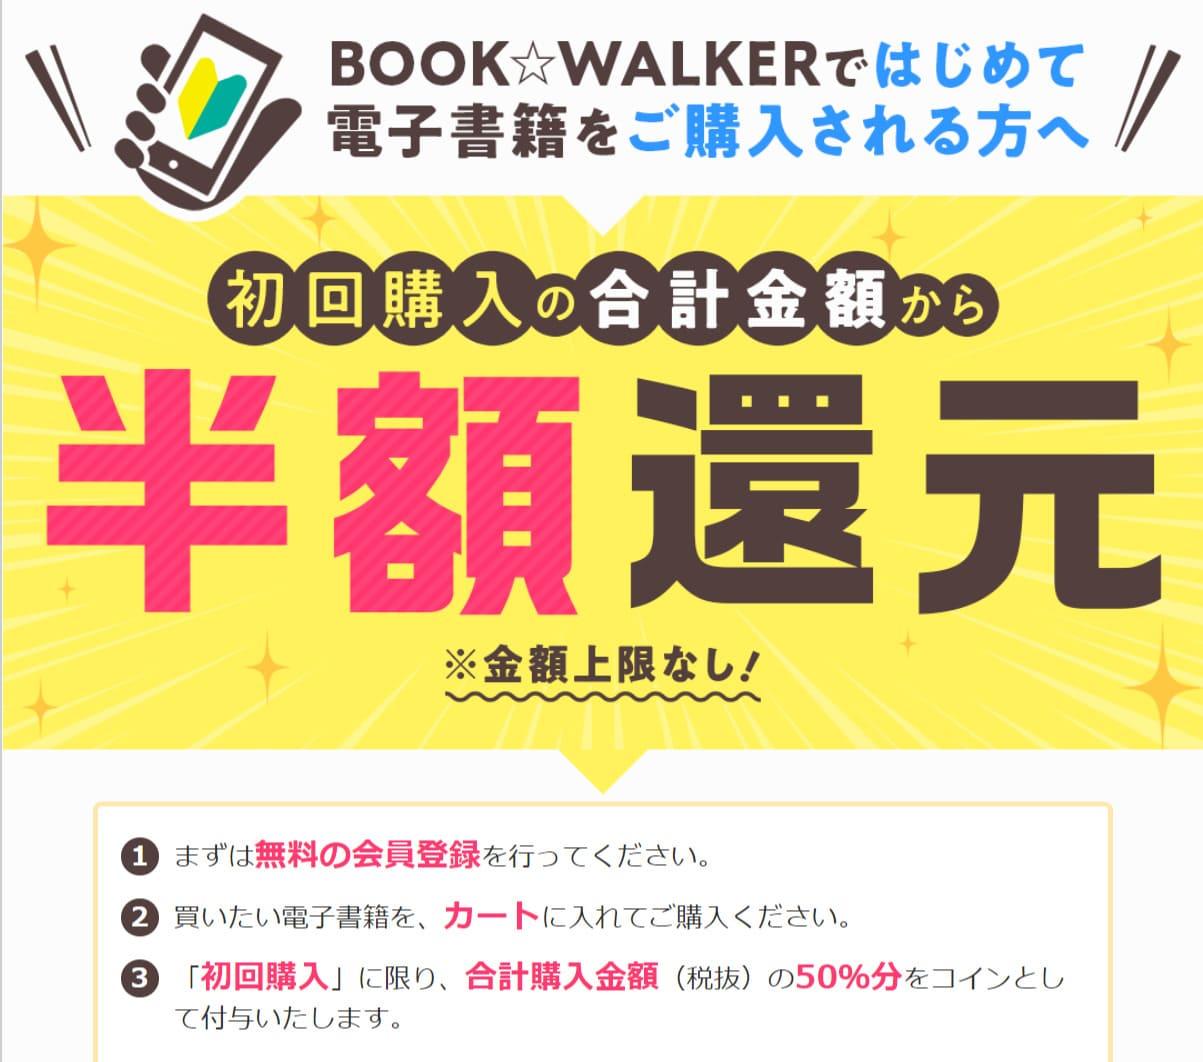 5位:BOOK☆WALKER(16,941円分お得)